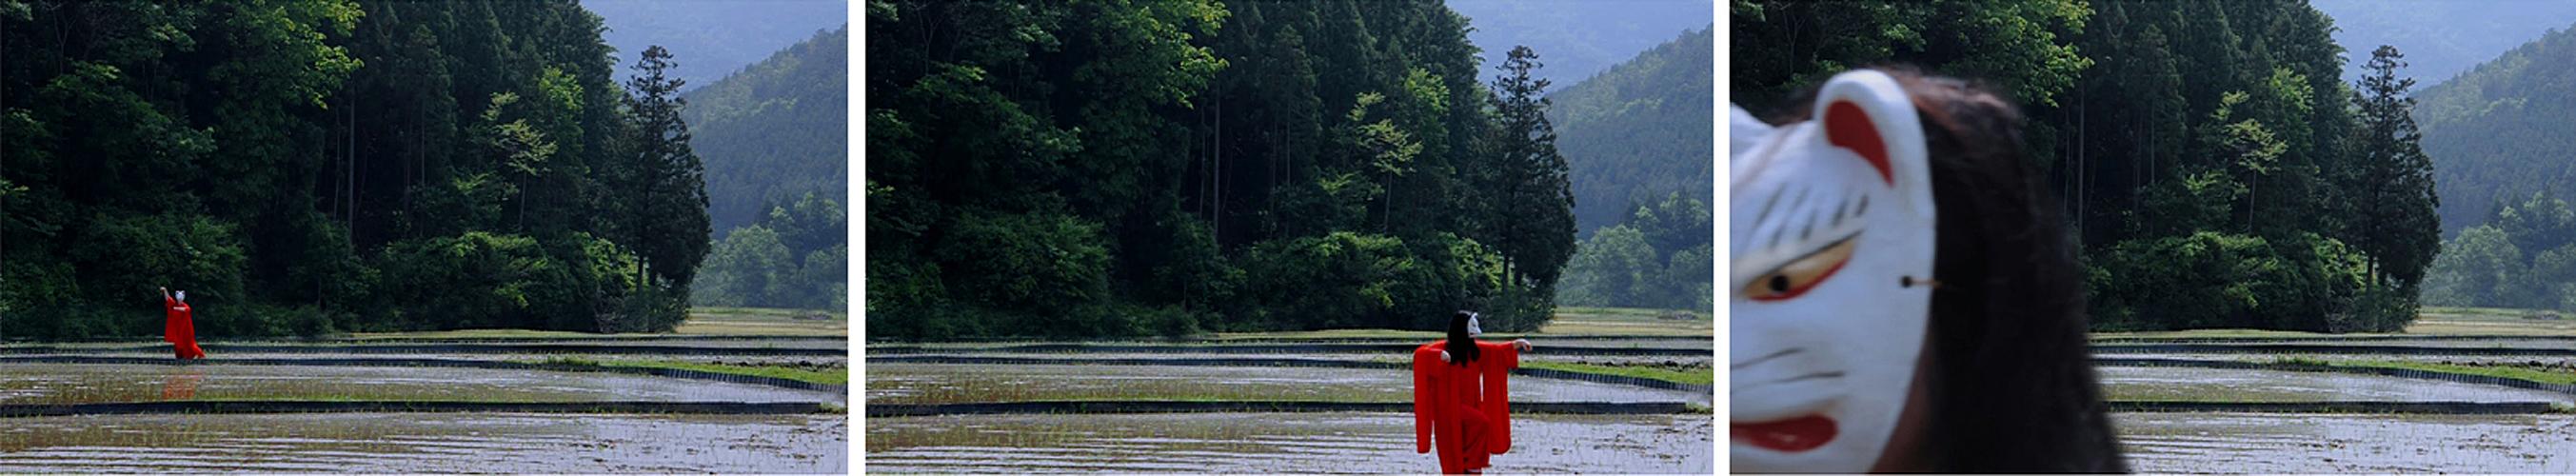 Edition 97,5 x 35,5 cm, « stills » photographique de la vidéo, 2010/2012 jet d'encre pimentaire sur papier Hahnemühle, 25 ex.